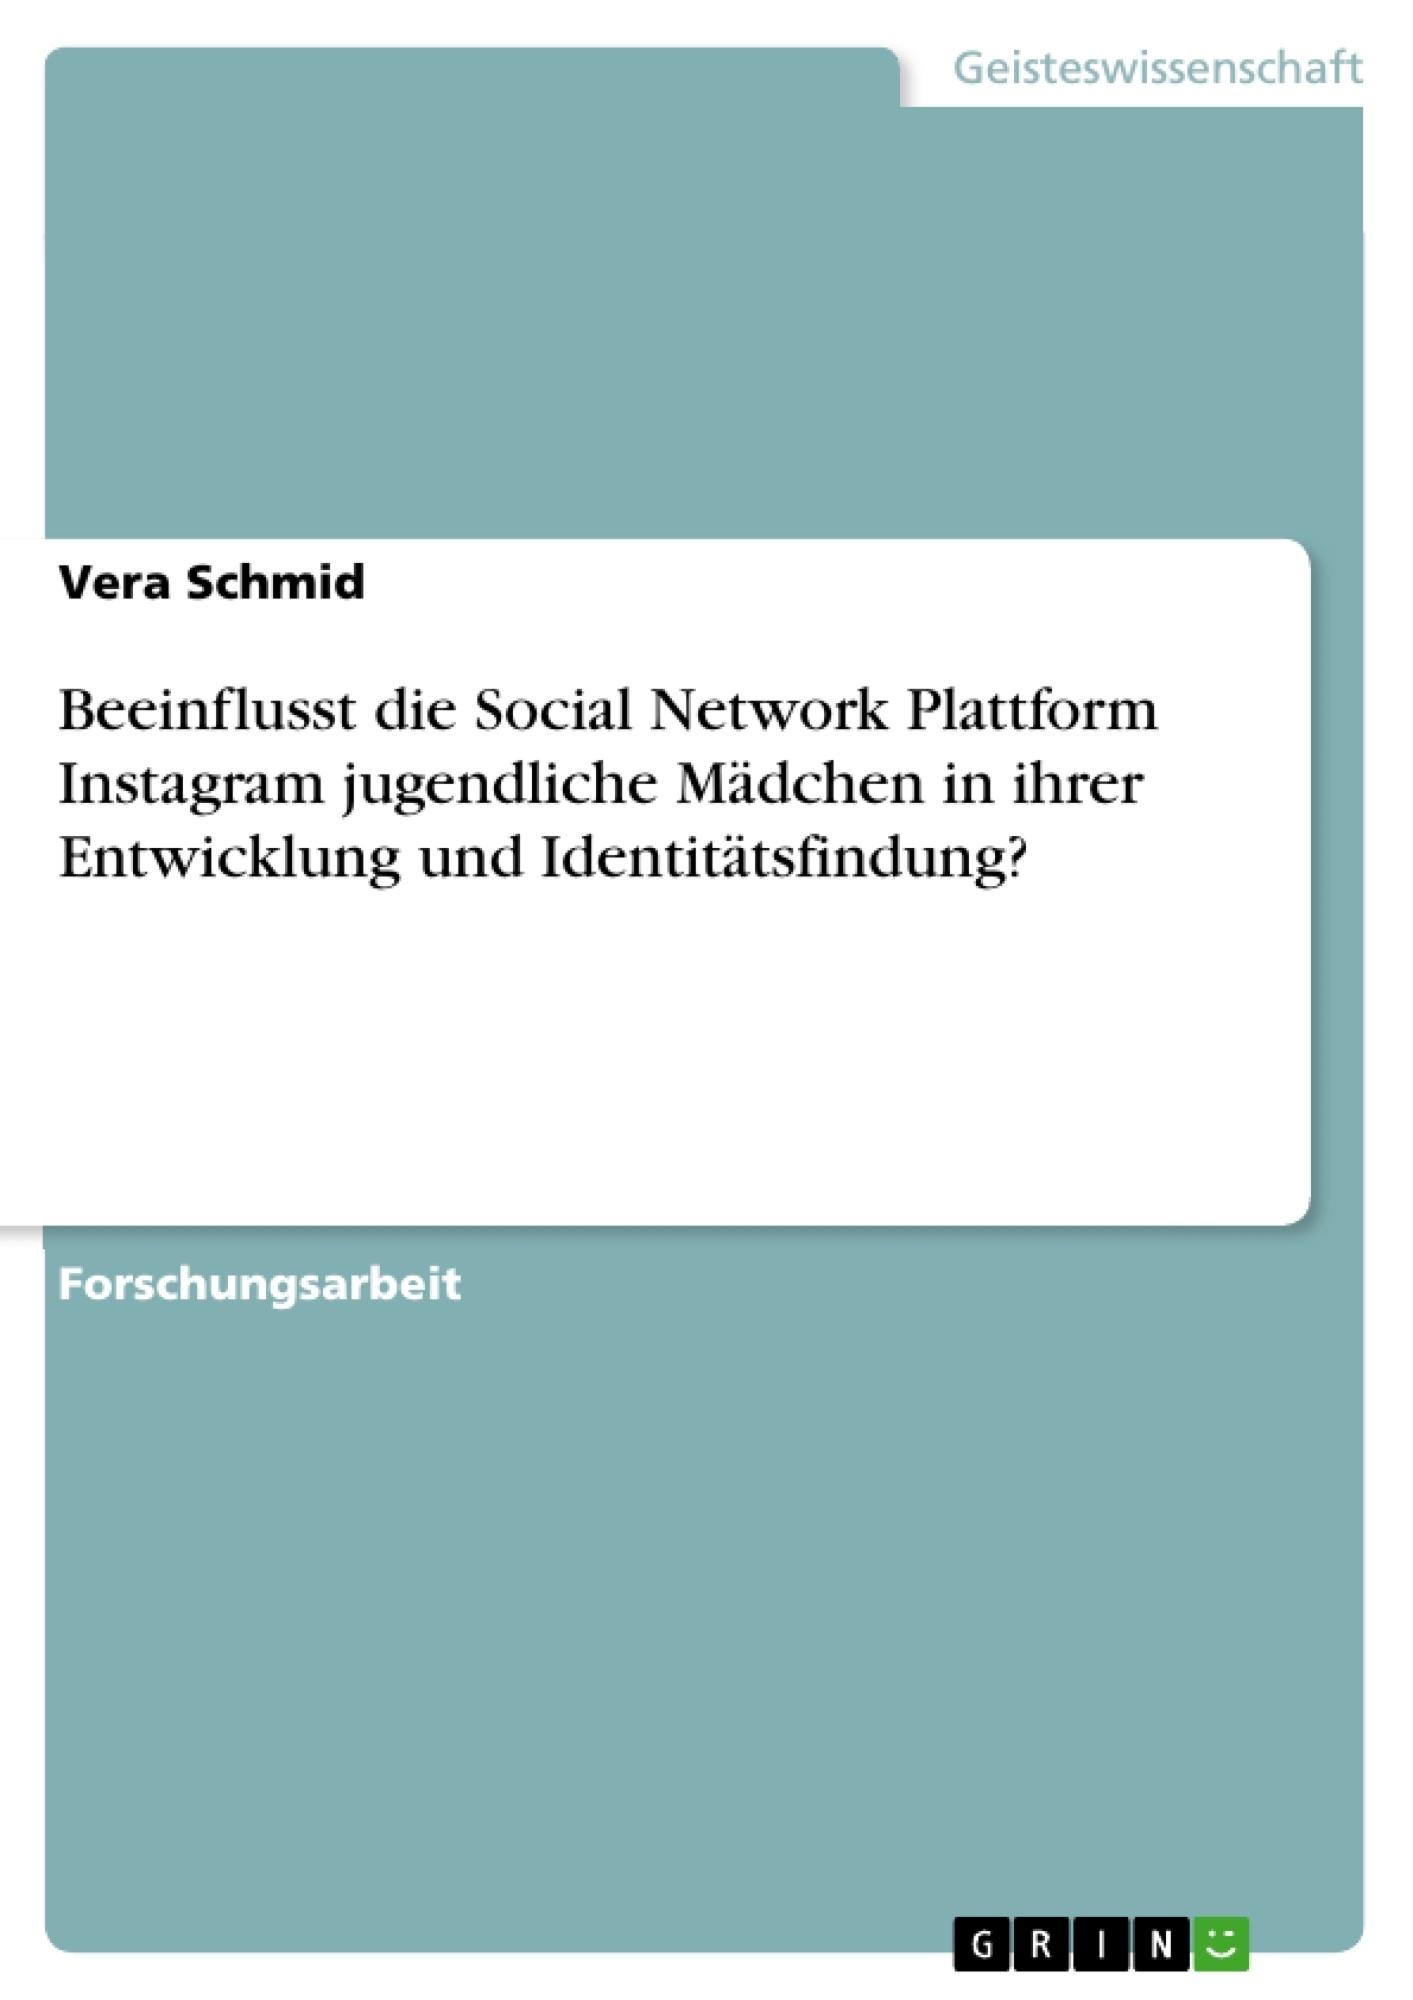 Titel: Beeinflusst die Social Network Plattform Instagram jugendliche Mädchen in ihrer Entwicklung und Identitätsfindung?